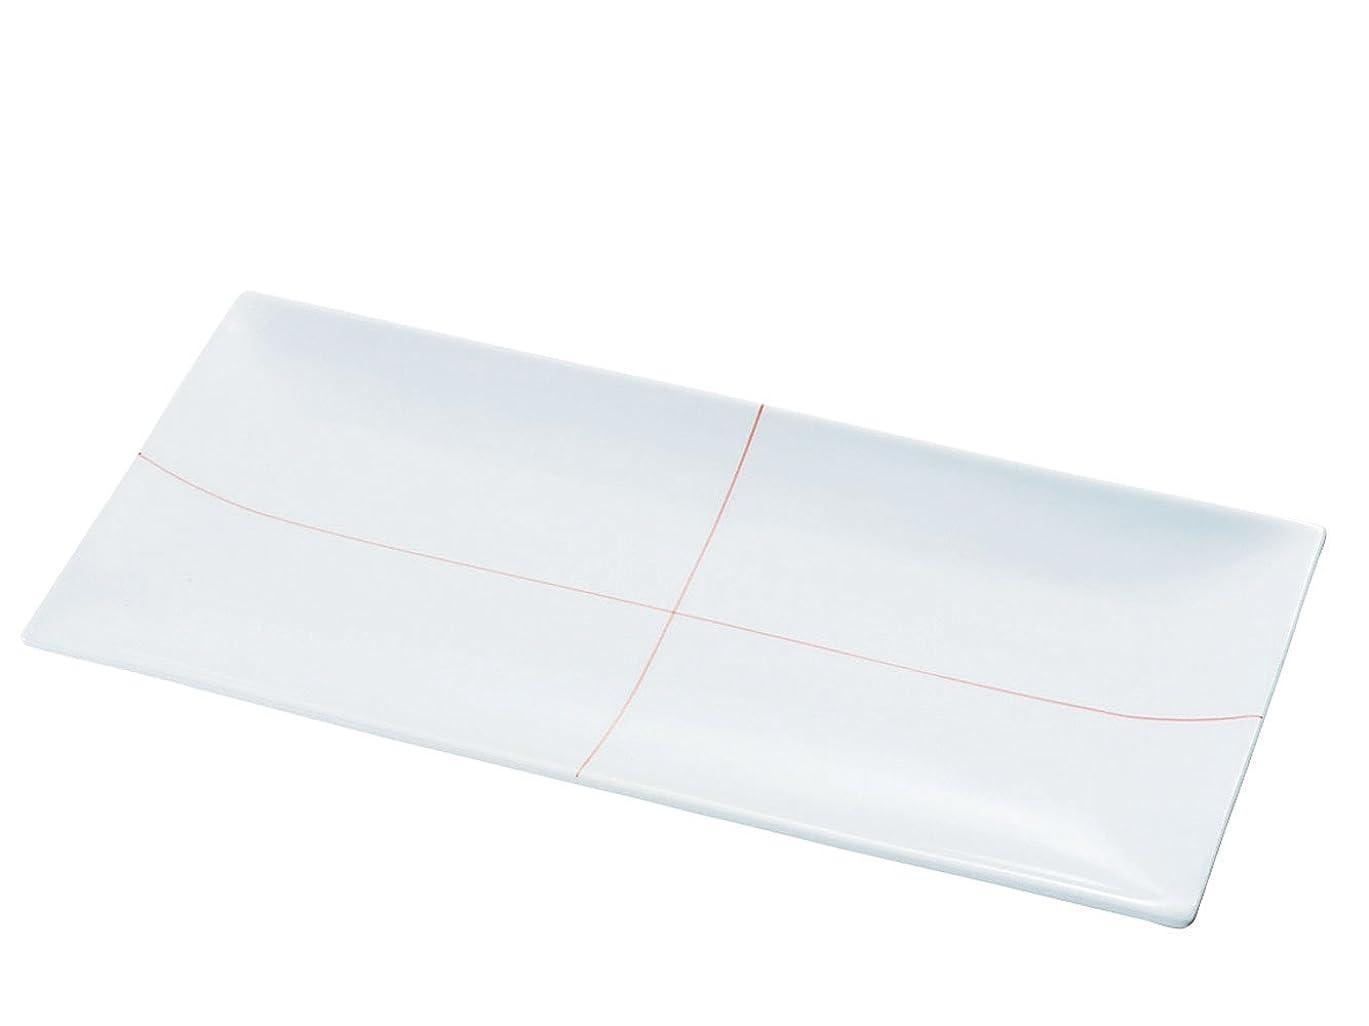 コンソール助手ガイドessence チェック プレート(長角)R 40479